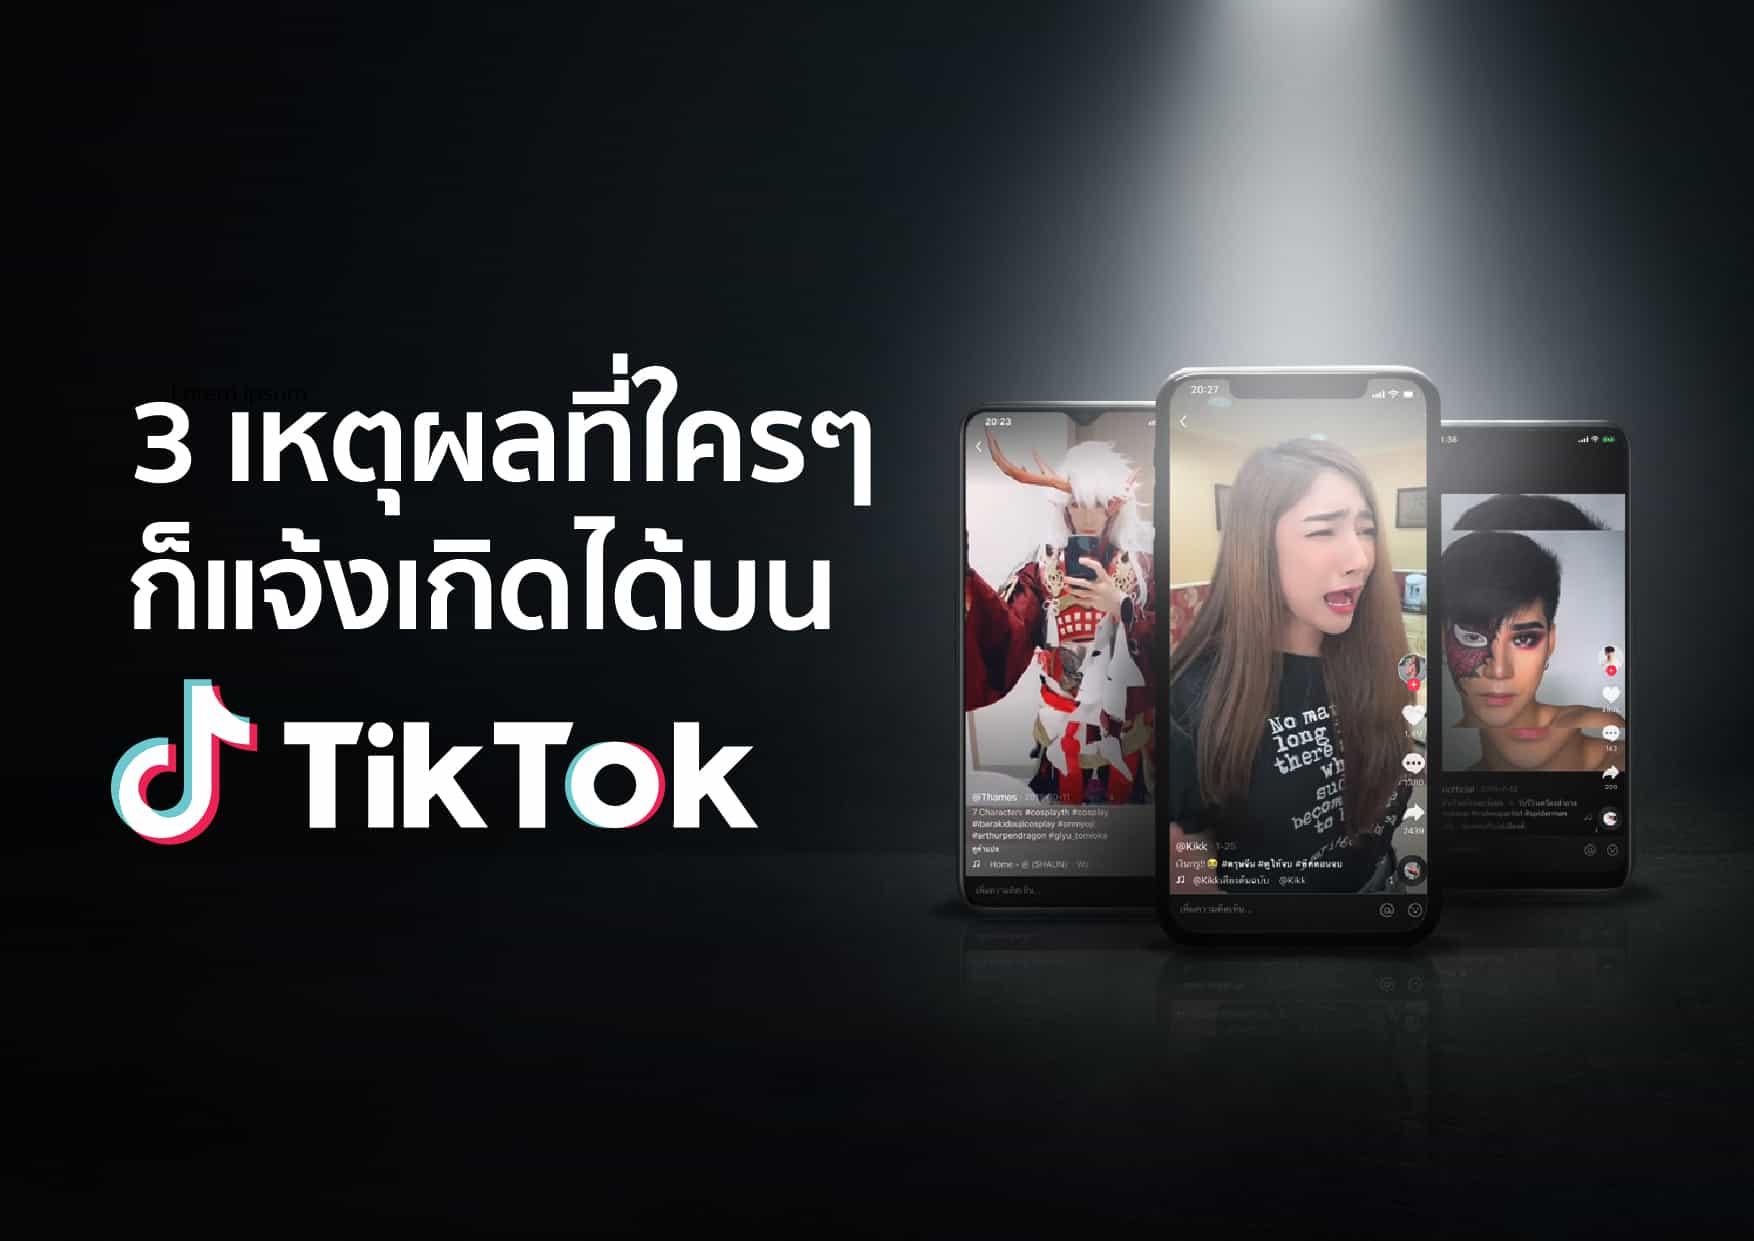 3 เหตุผลที่ใครๆ ก็แจ้งเกิดได้บน TikTok ดังได้โดยไม่แคร์ยอด follower